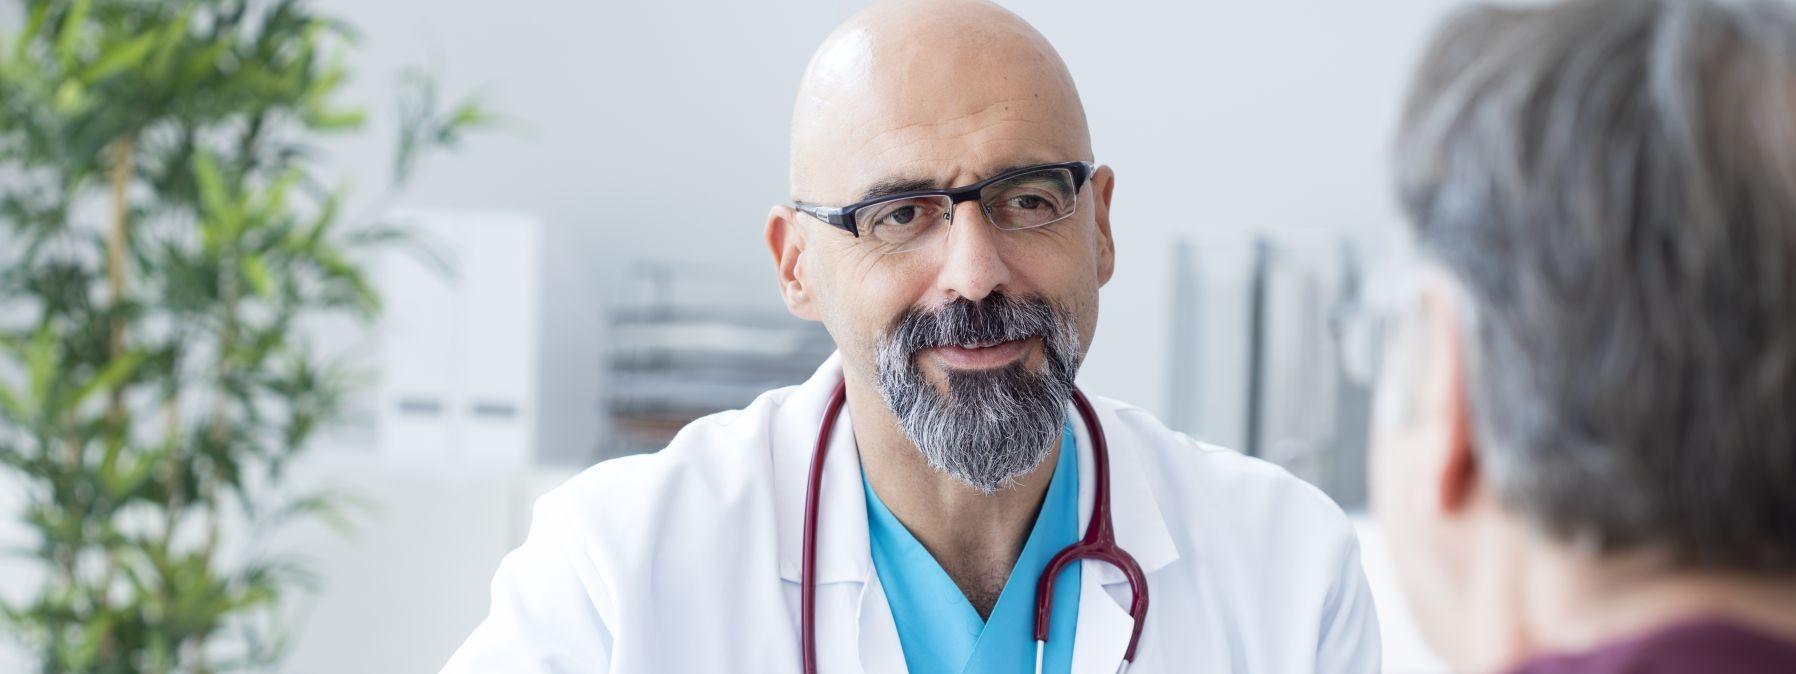 Ein Arzt trägt ein Stethoskop um den Hals und berät in seiner Praxis einen männlichen Patienten.